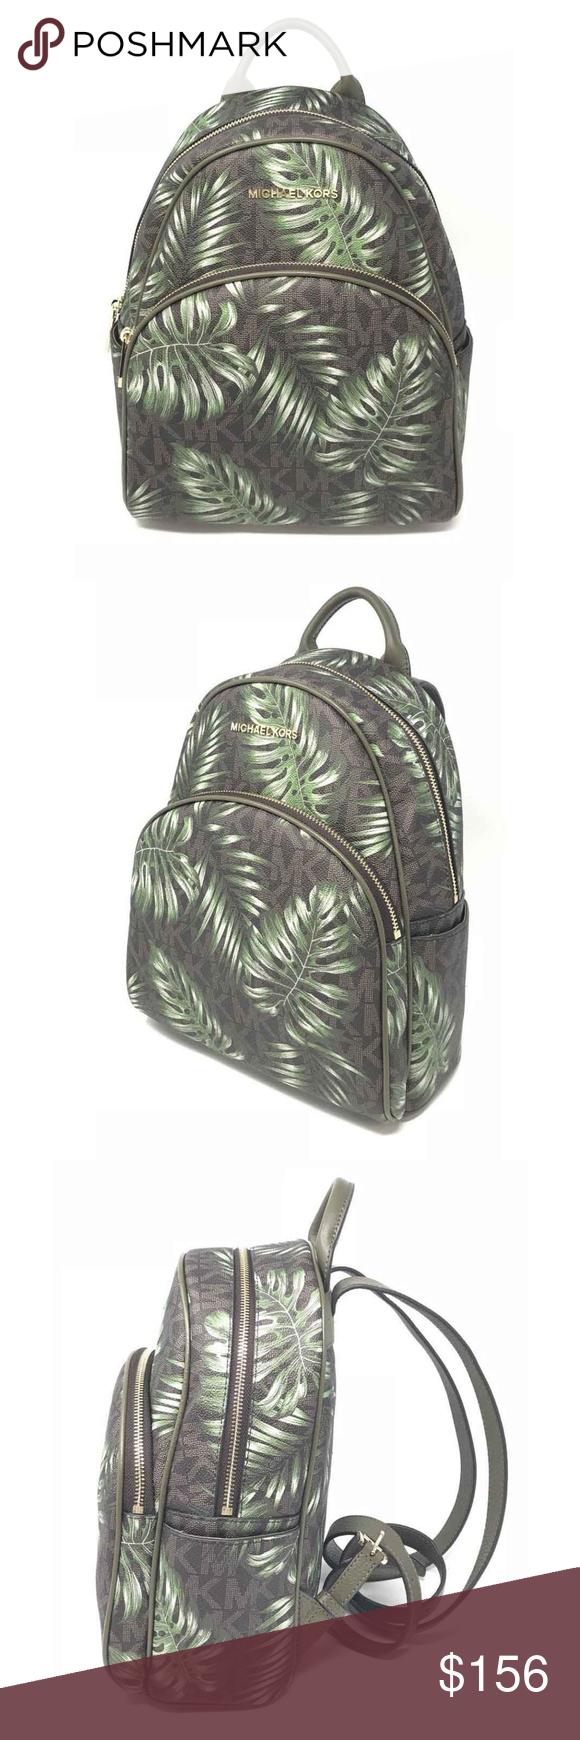 ee524444b017 Michael Kors Abbey Medium Backpack Olive Palm Tree Michael Kors Abbey  Medium Backpack Brown MK Printed